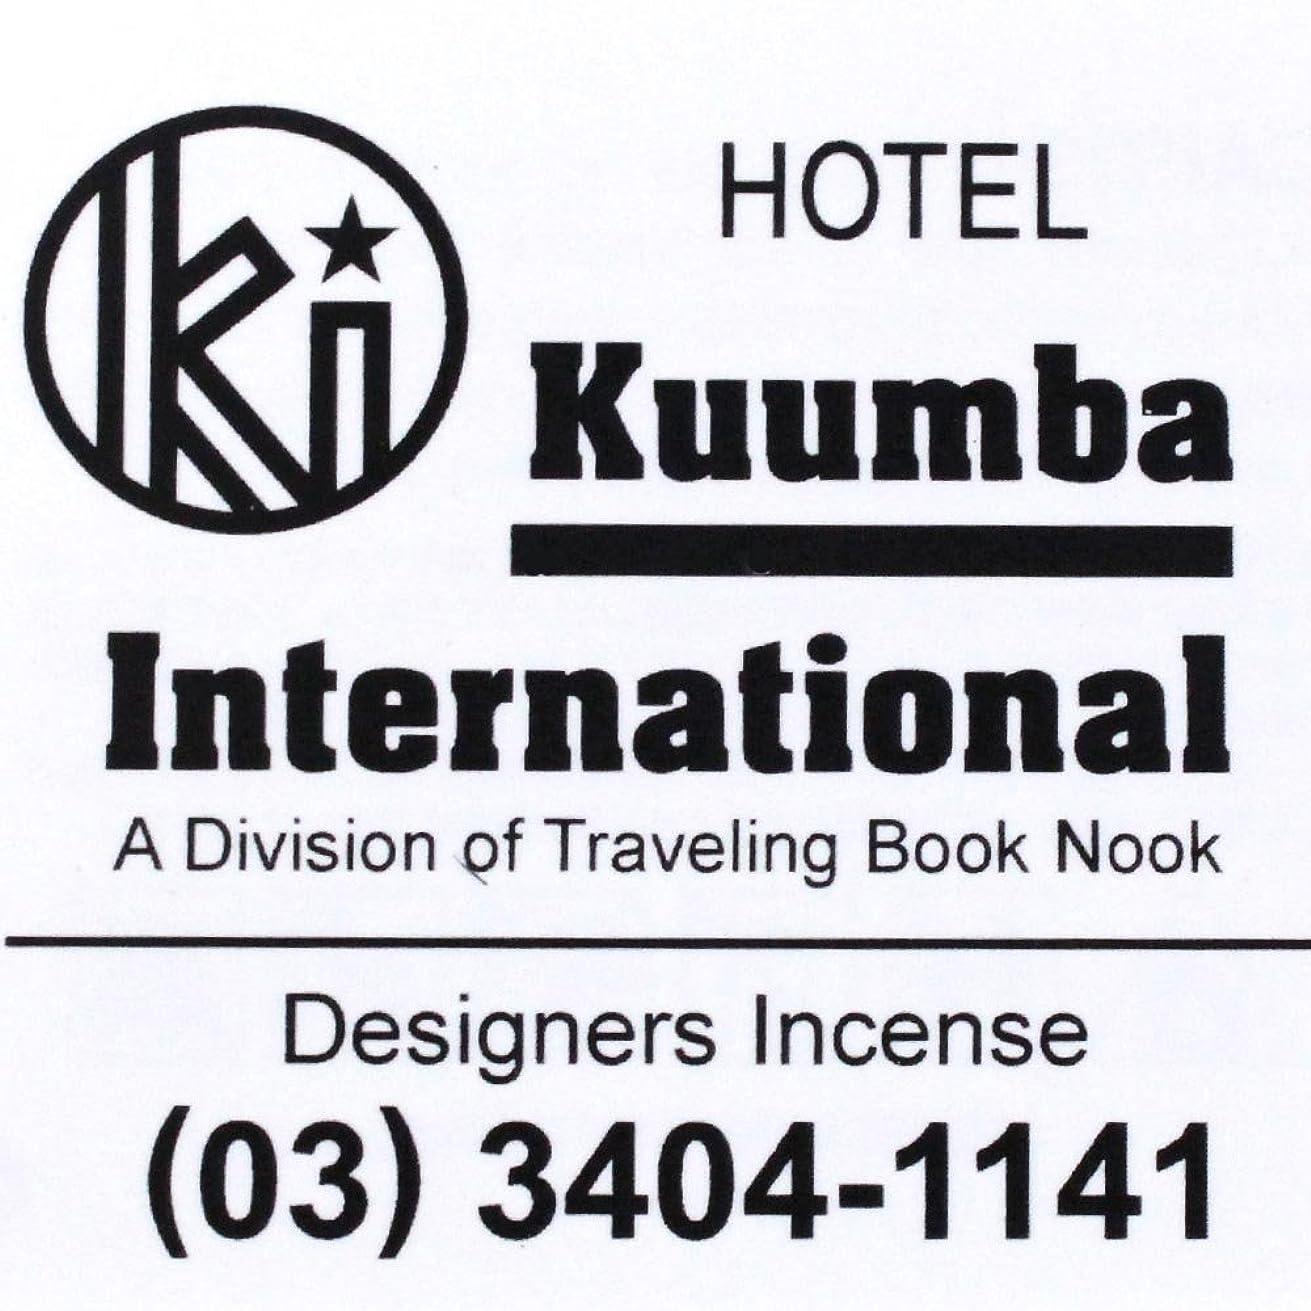 観光牧草地文房具(クンバ) KUUMBA『incense』(HOTEL) (Regular size)